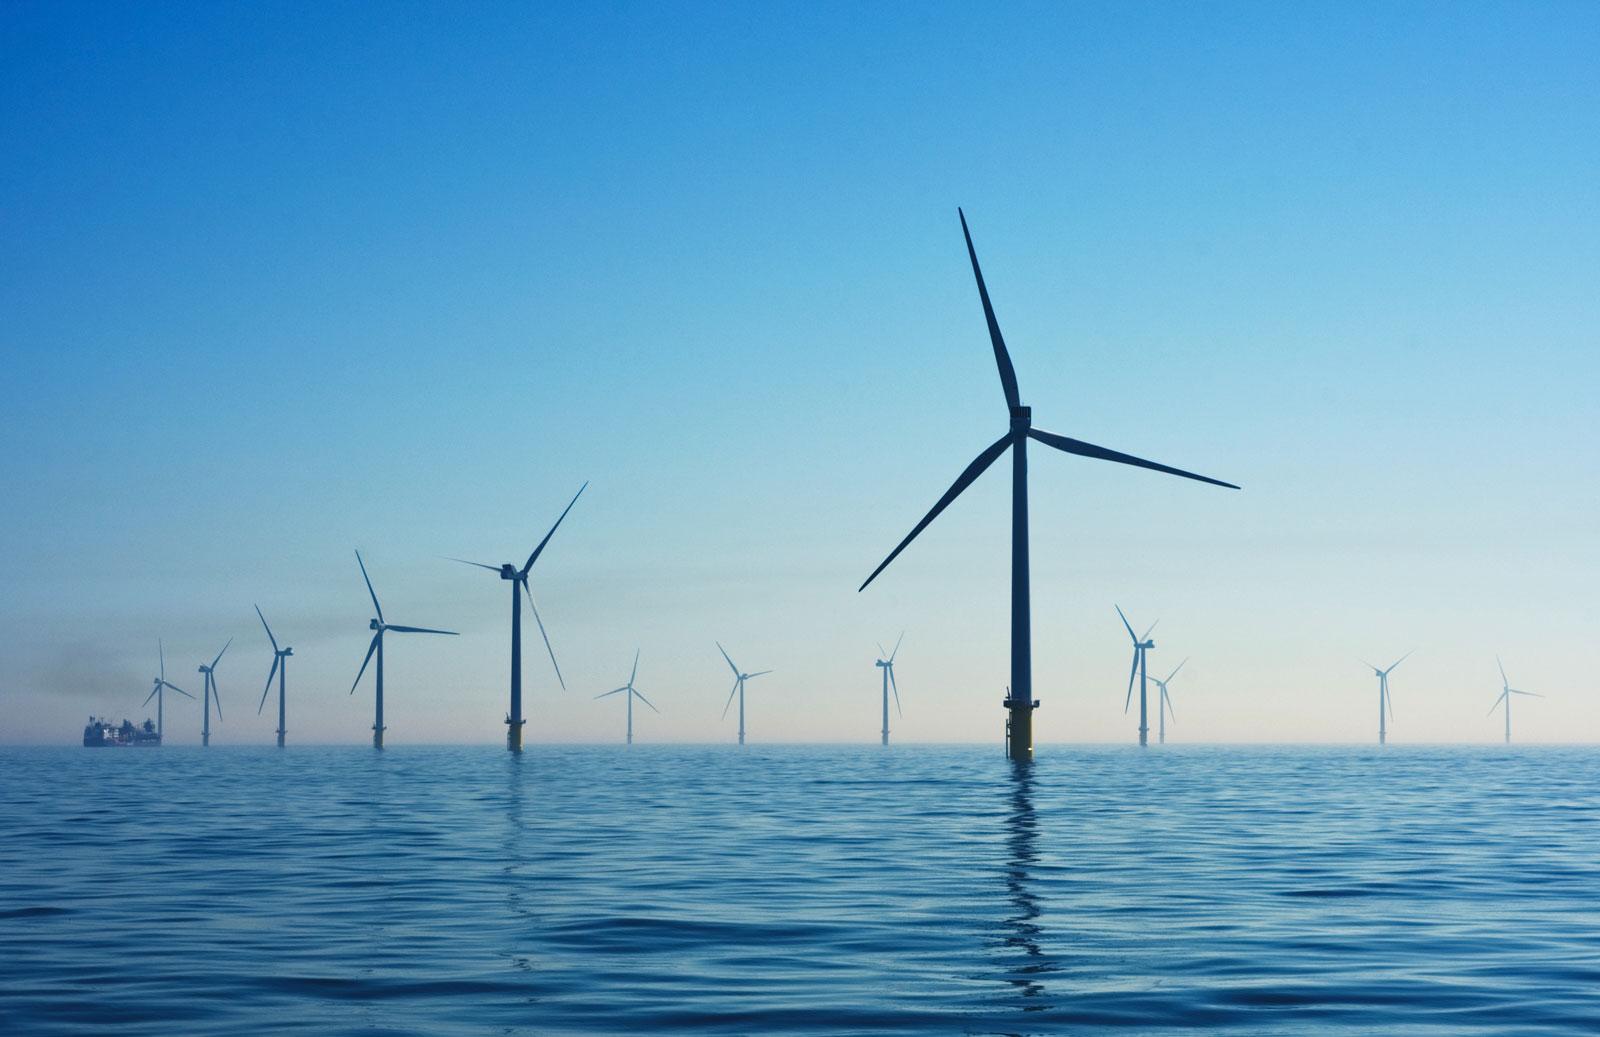 Windkraftwerken-auf-See-droht-schon-bald-eine-Flaute